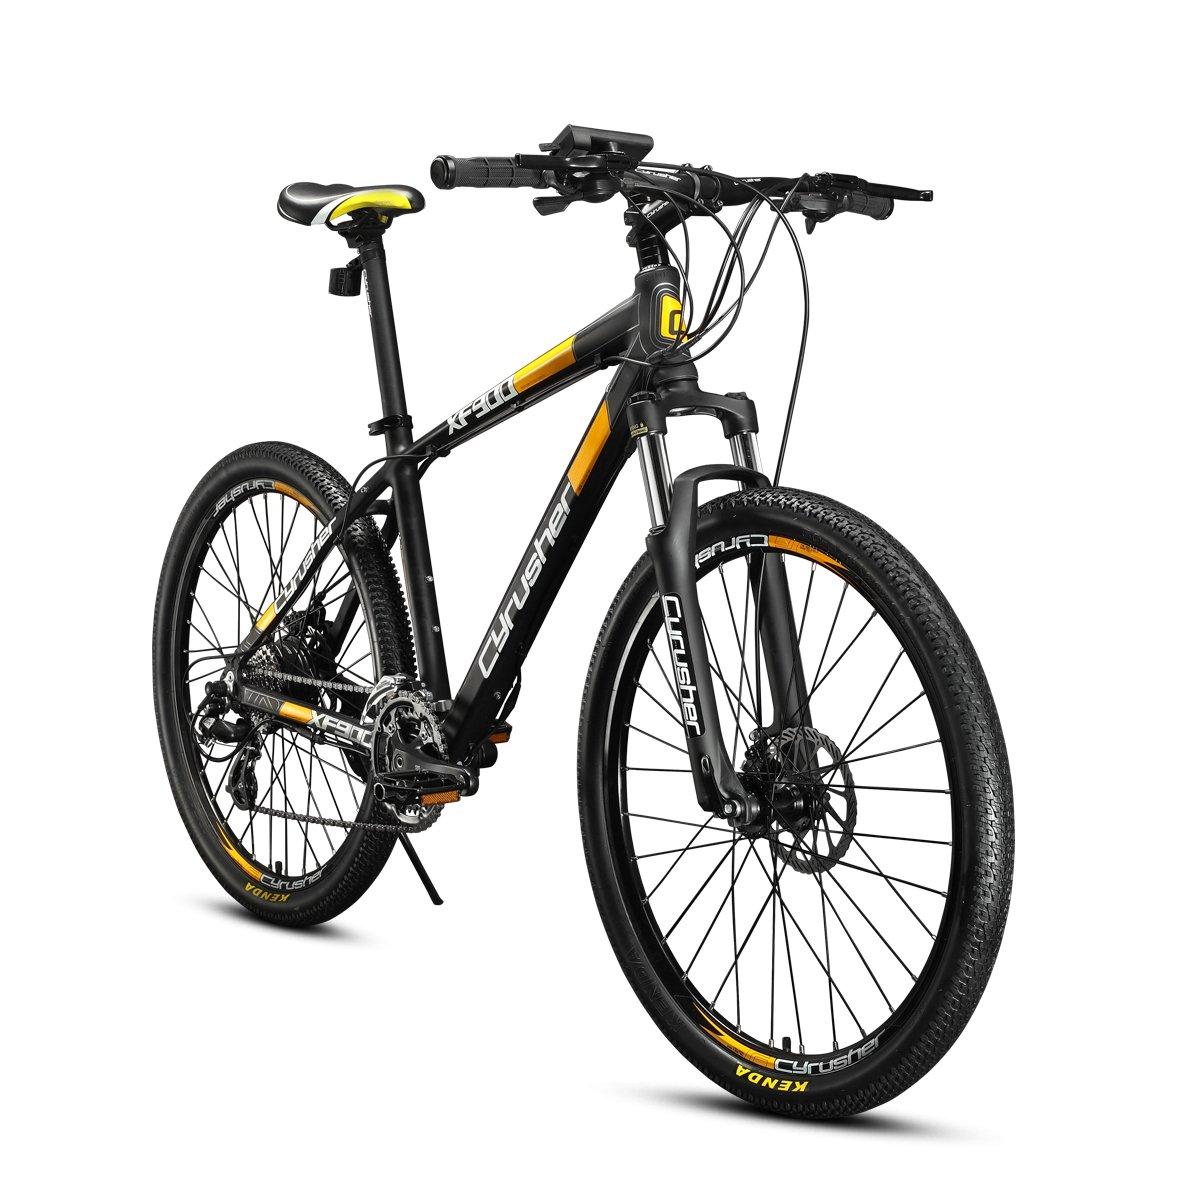 Excy XF900 電動自転車 マウンテンバイク MTB シマノ24段変速 タイヤ27.5インチ アルミフレーム ディスクブレーキ B07HBTSLJD